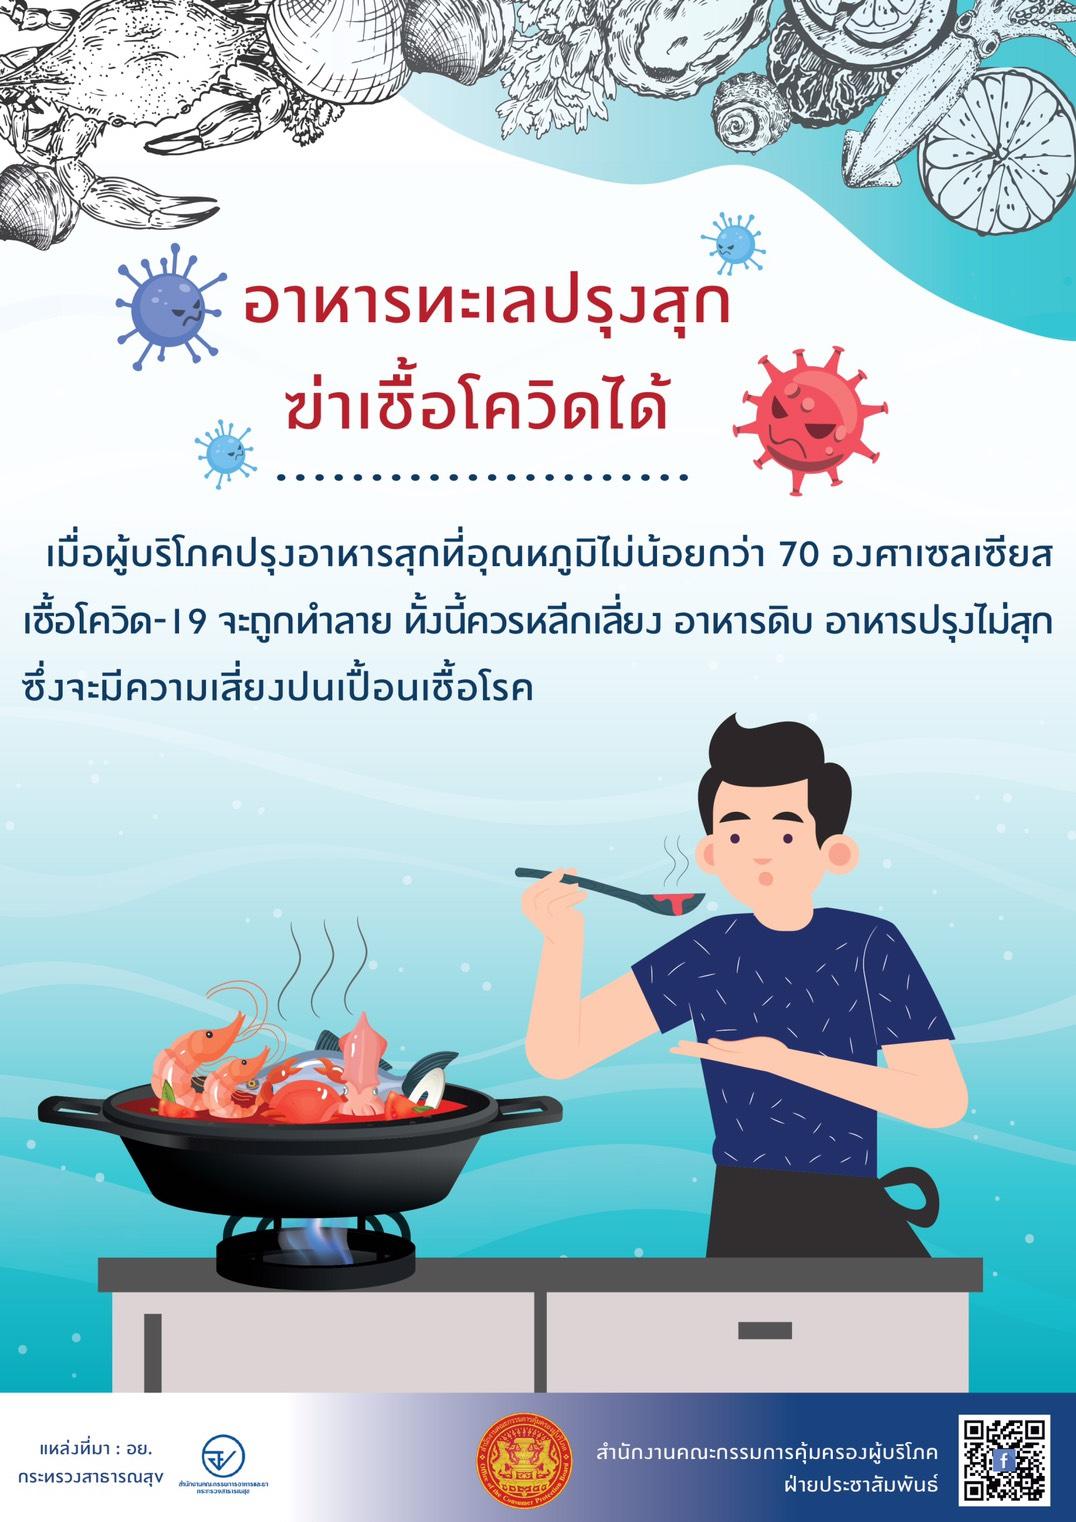 อาหารทะเลปรุงสุกฆ่าเชื้อโควิดได้